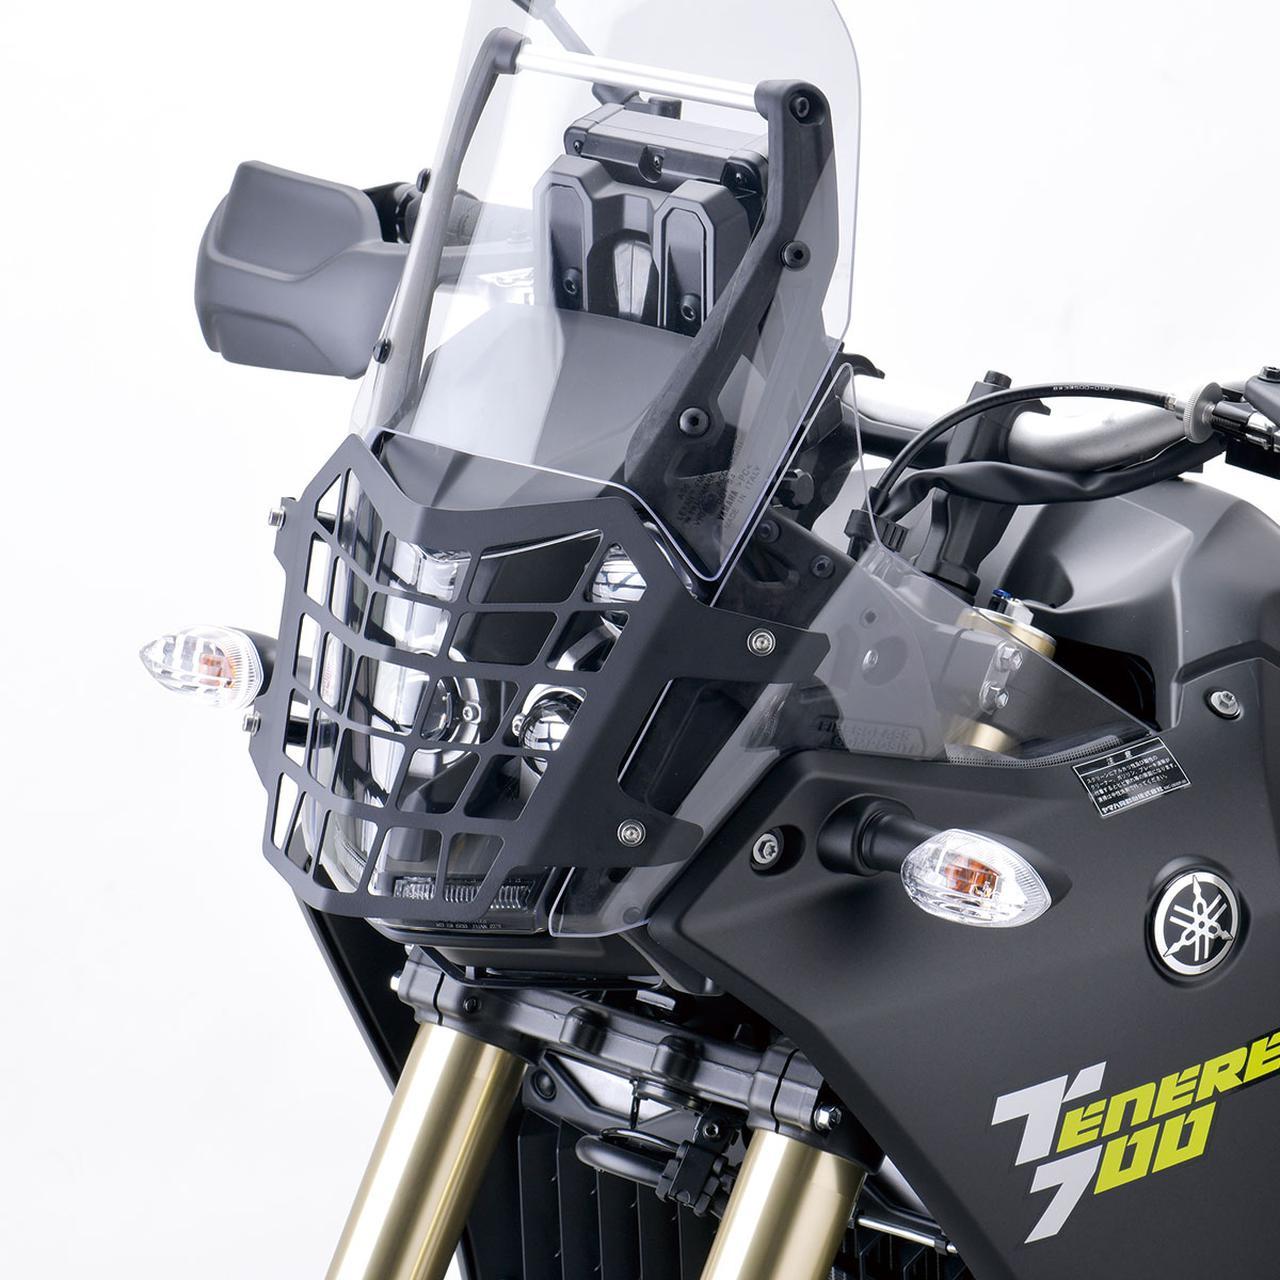 画像1: もっとアドベンチャールックに変える、テネレ700専用ヘッドライトガード登場